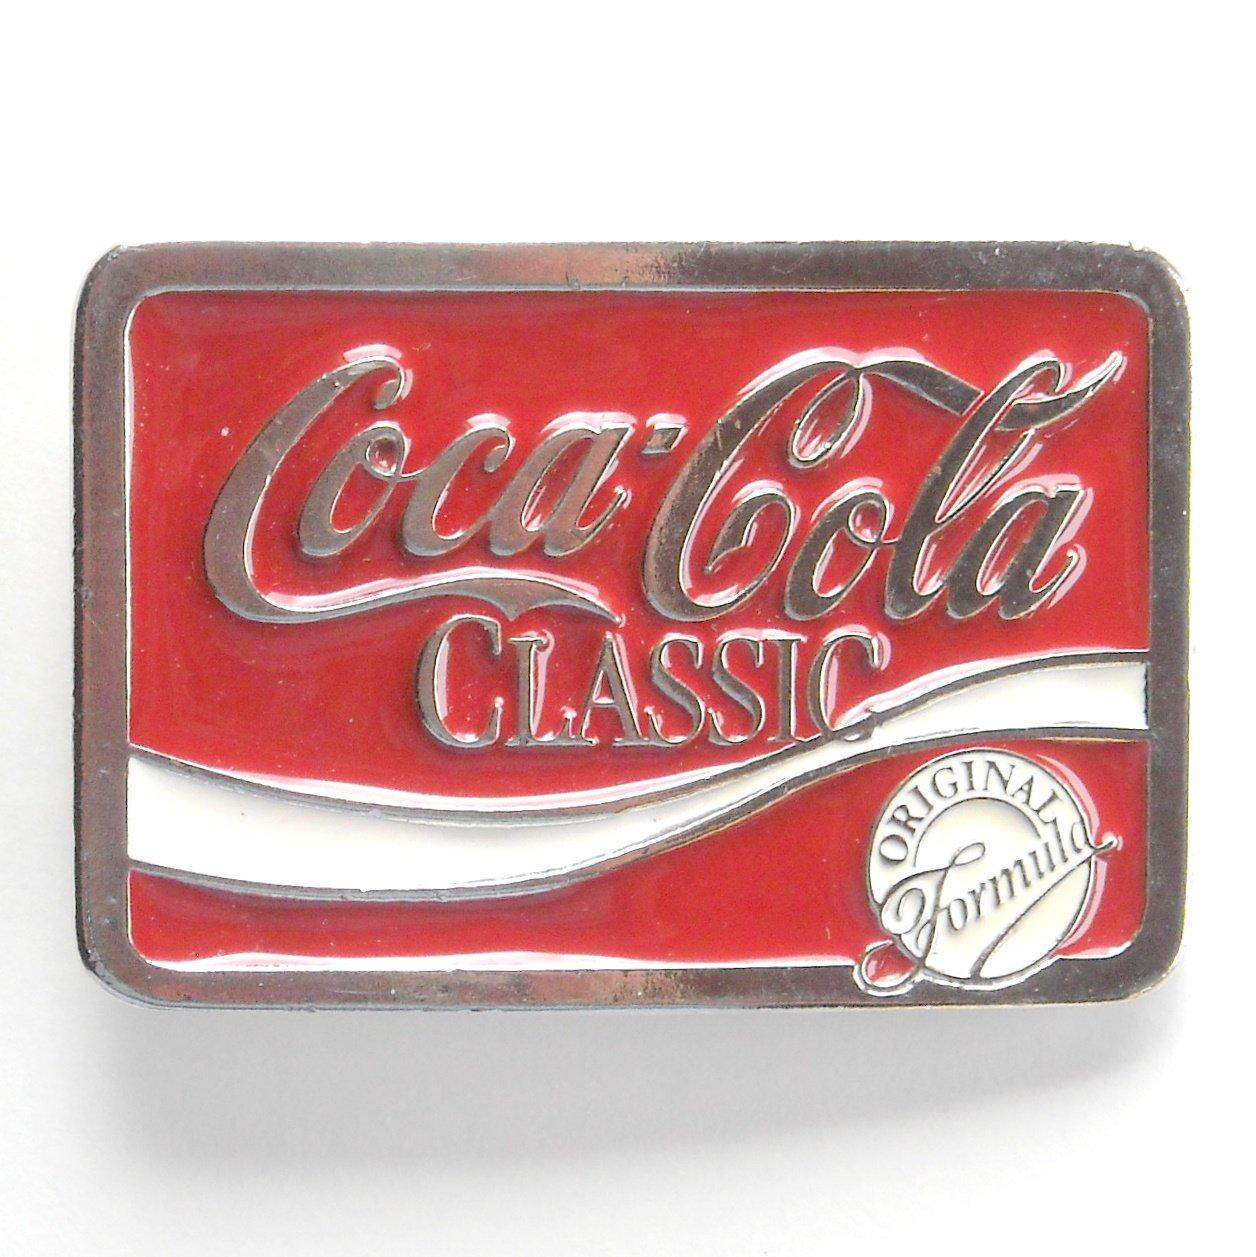 Coca Cola Classic Original Formula belt buckle